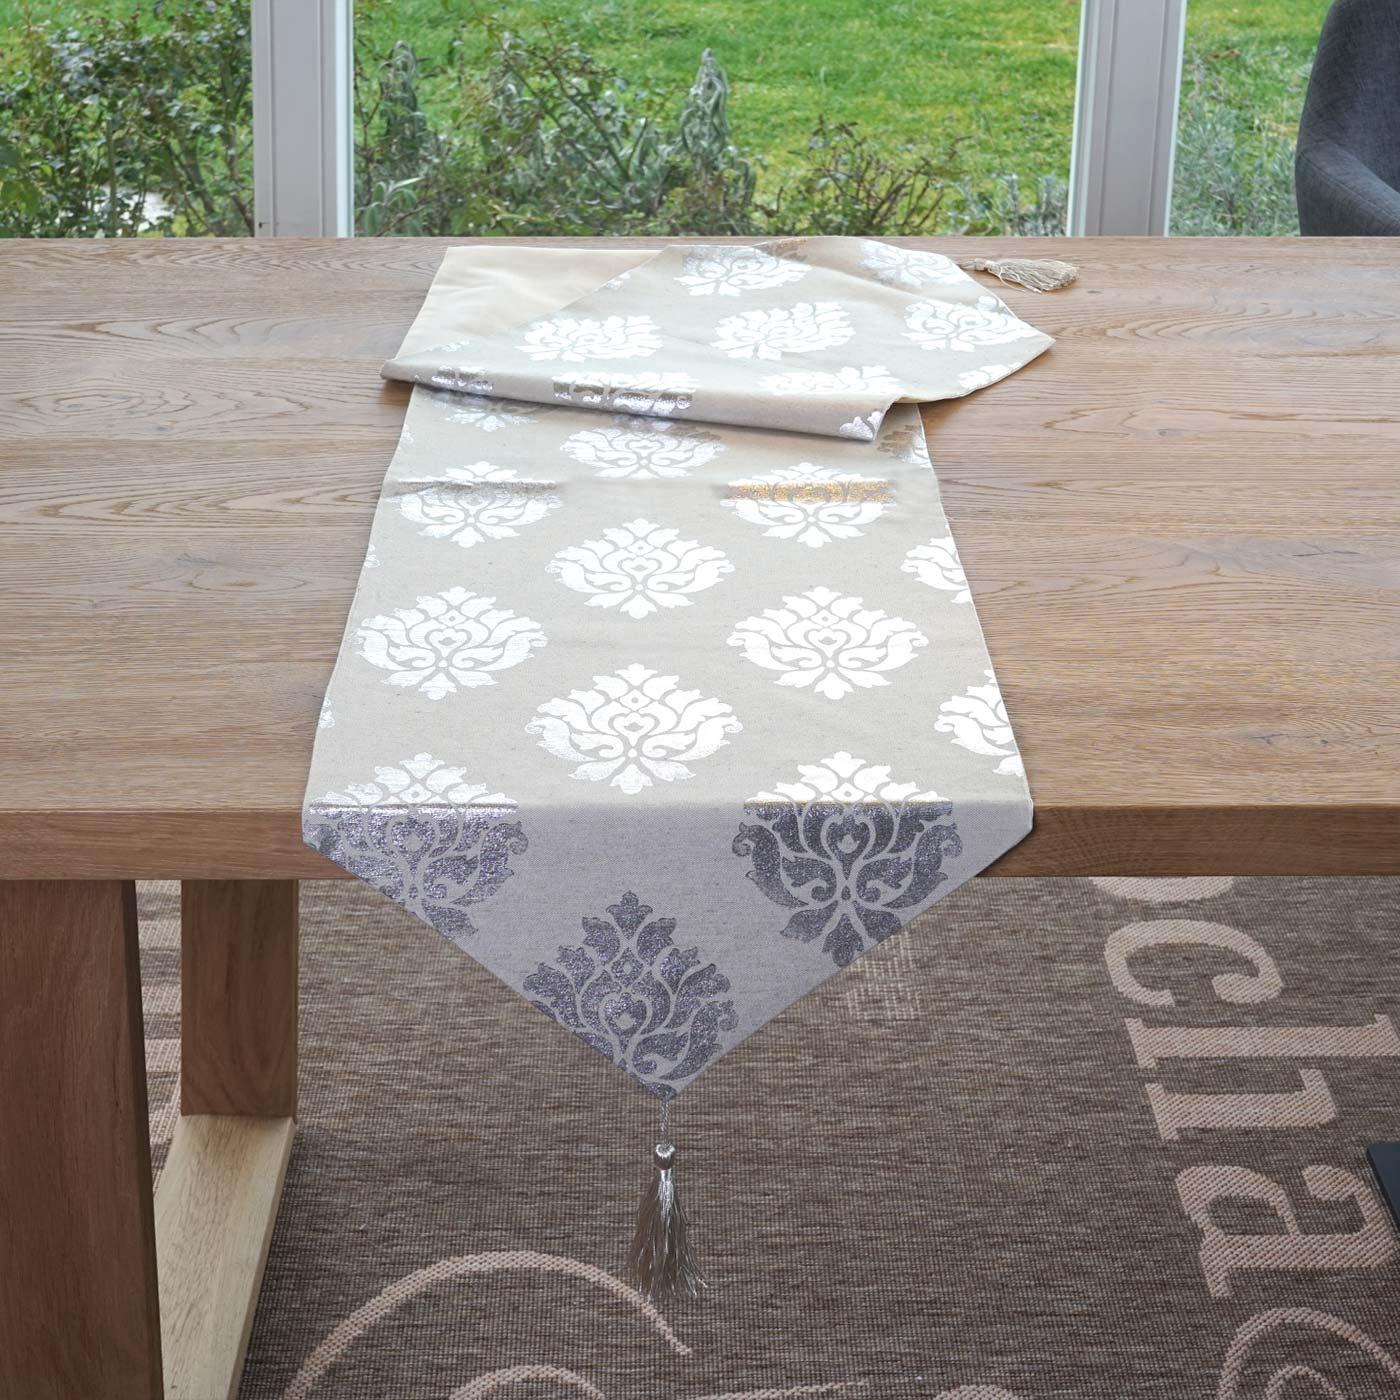 tischl ufer barock tischdecke tischdeko mitteldecke beige silber glanz effekt 180x33cm. Black Bedroom Furniture Sets. Home Design Ideas